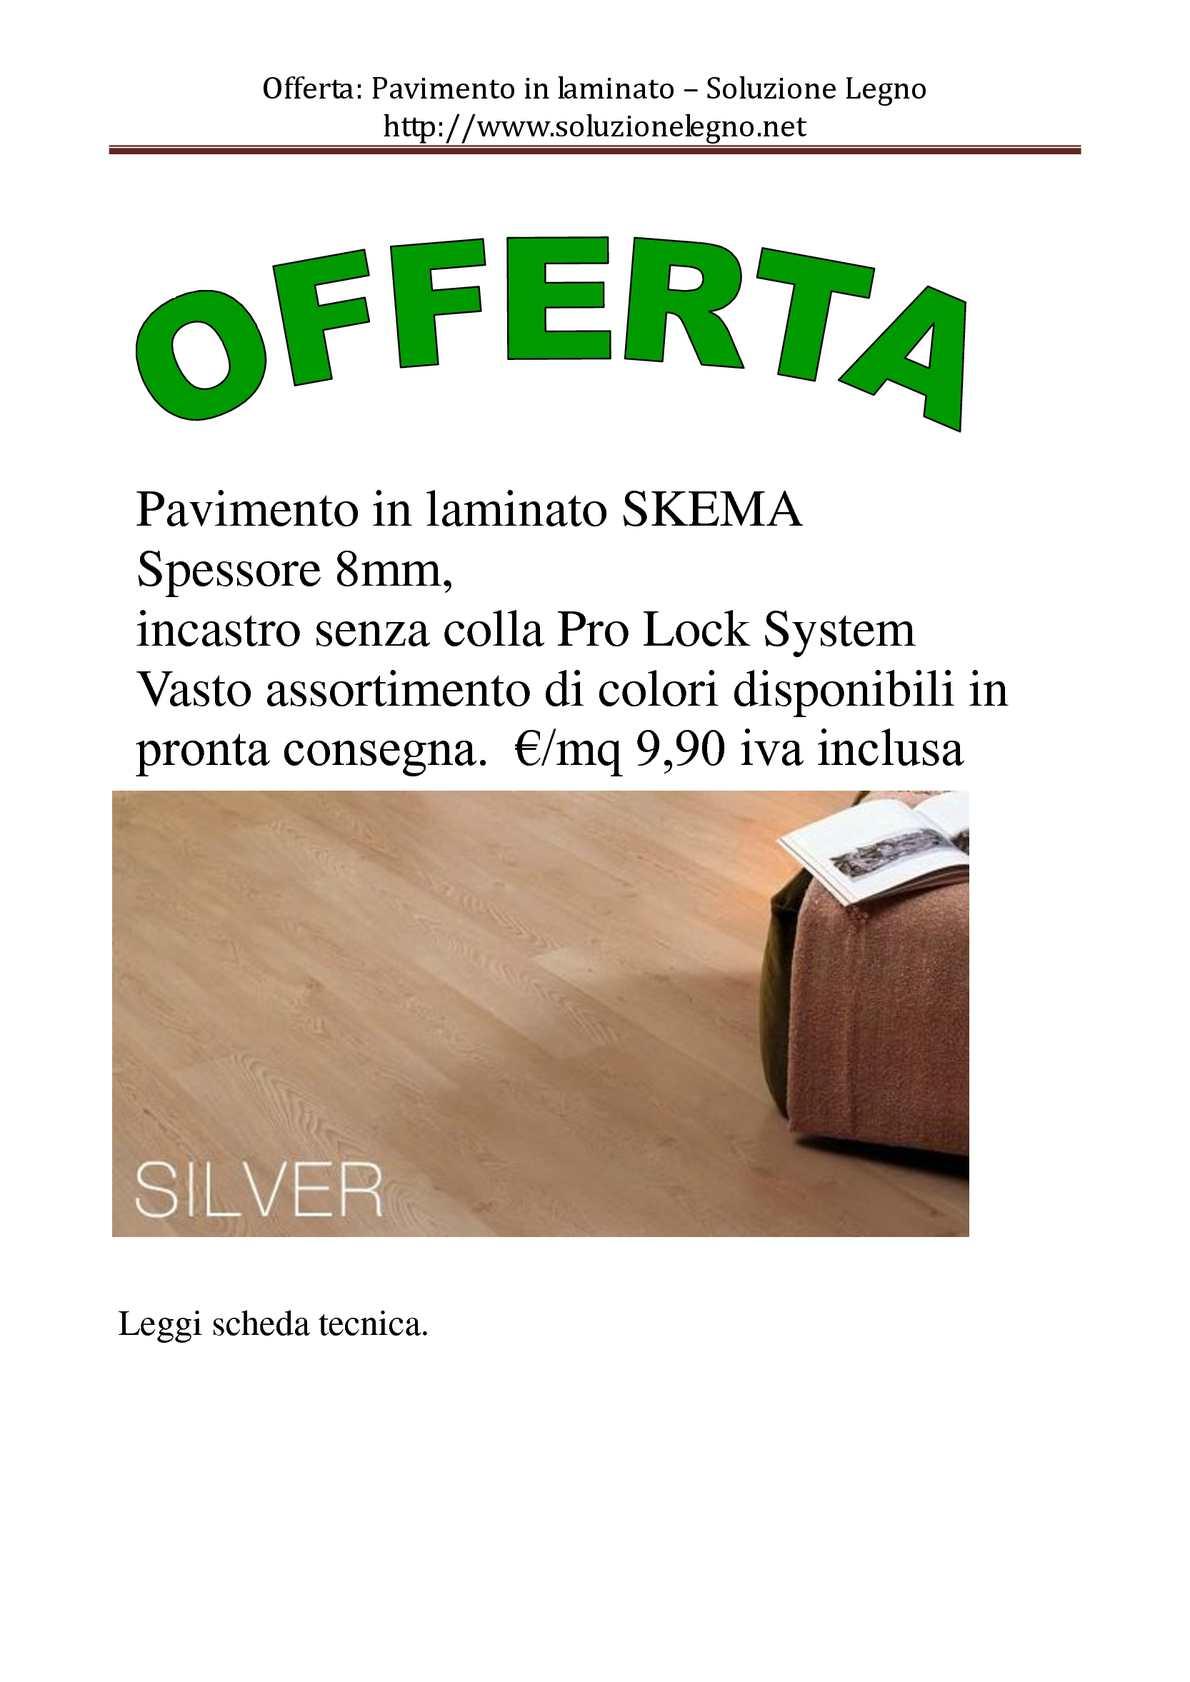 Calaméo - Soluzione Legno: Offerta Laminato (http://www ...